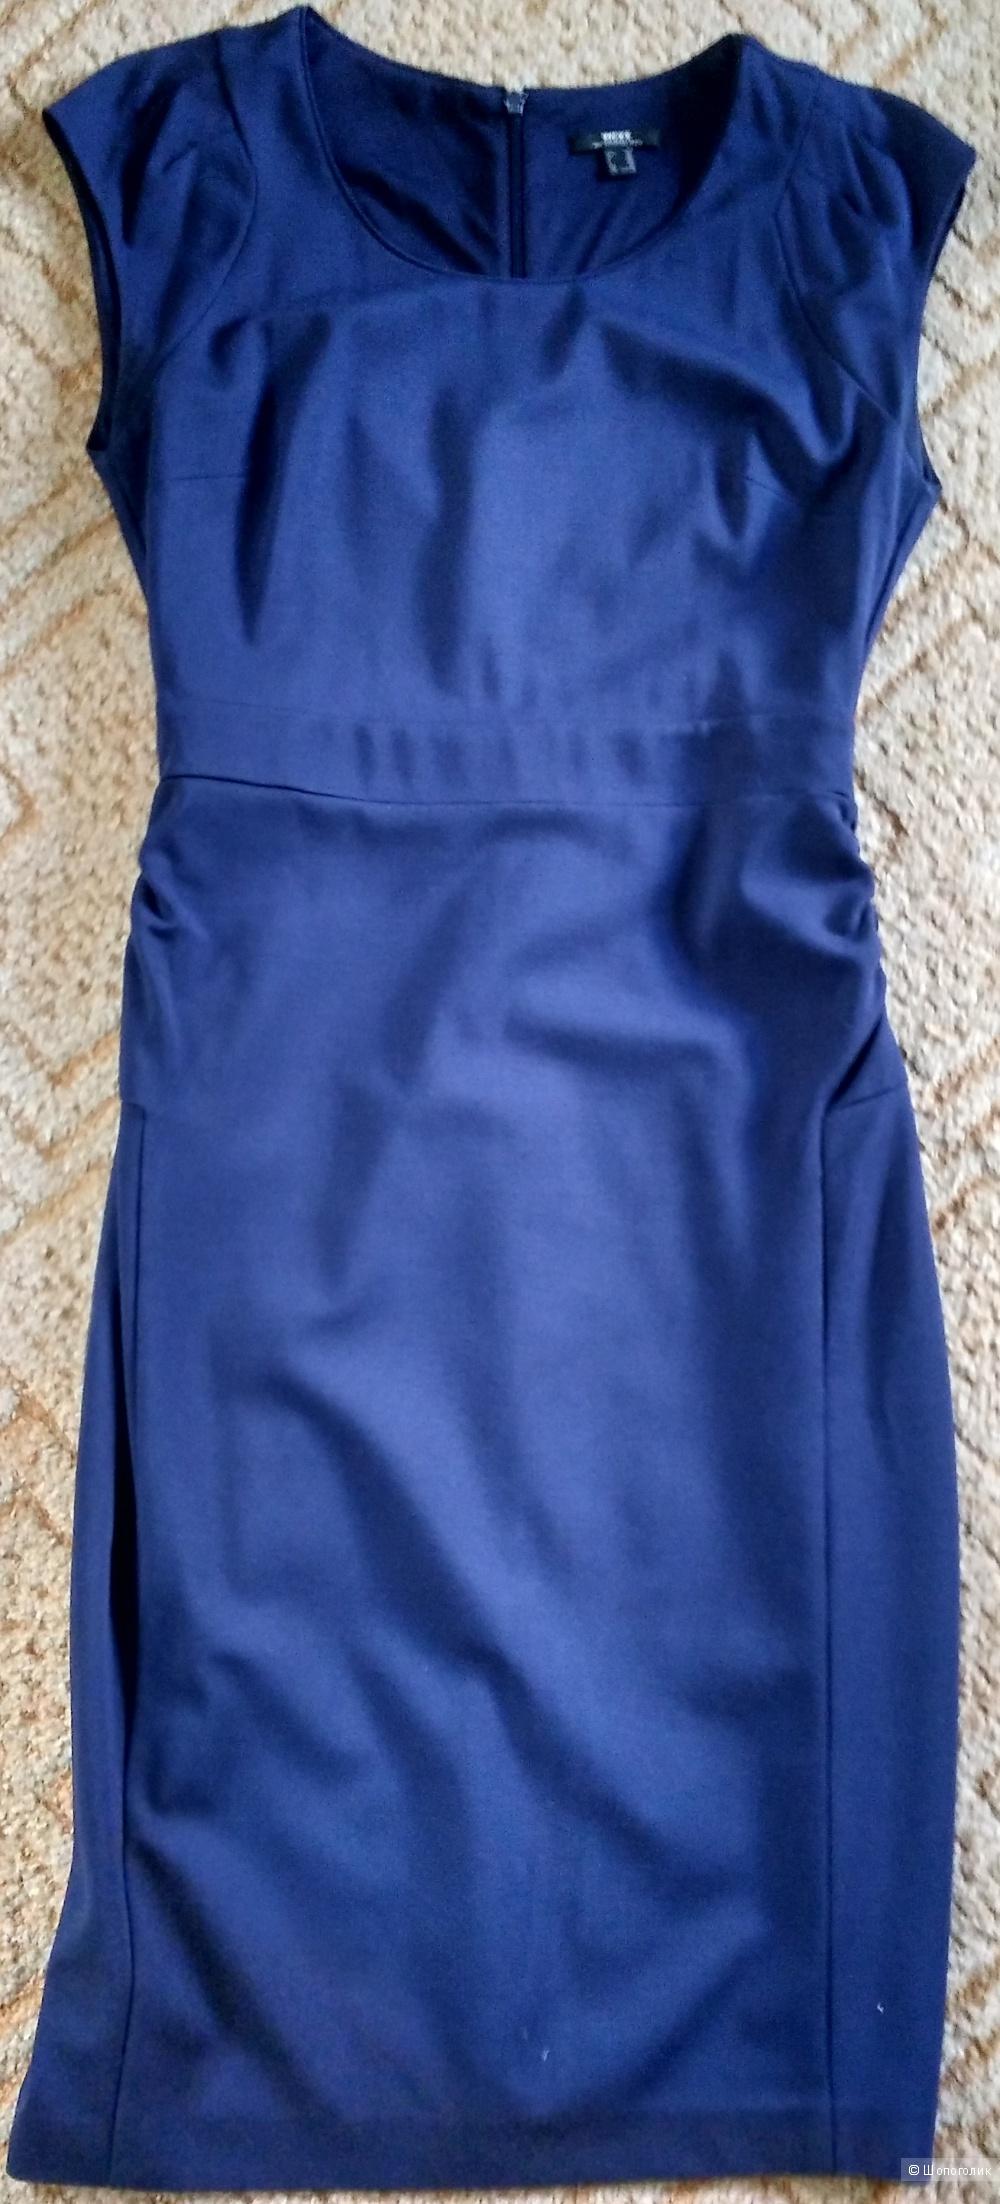 Темно-синее платье Mexx размер 46